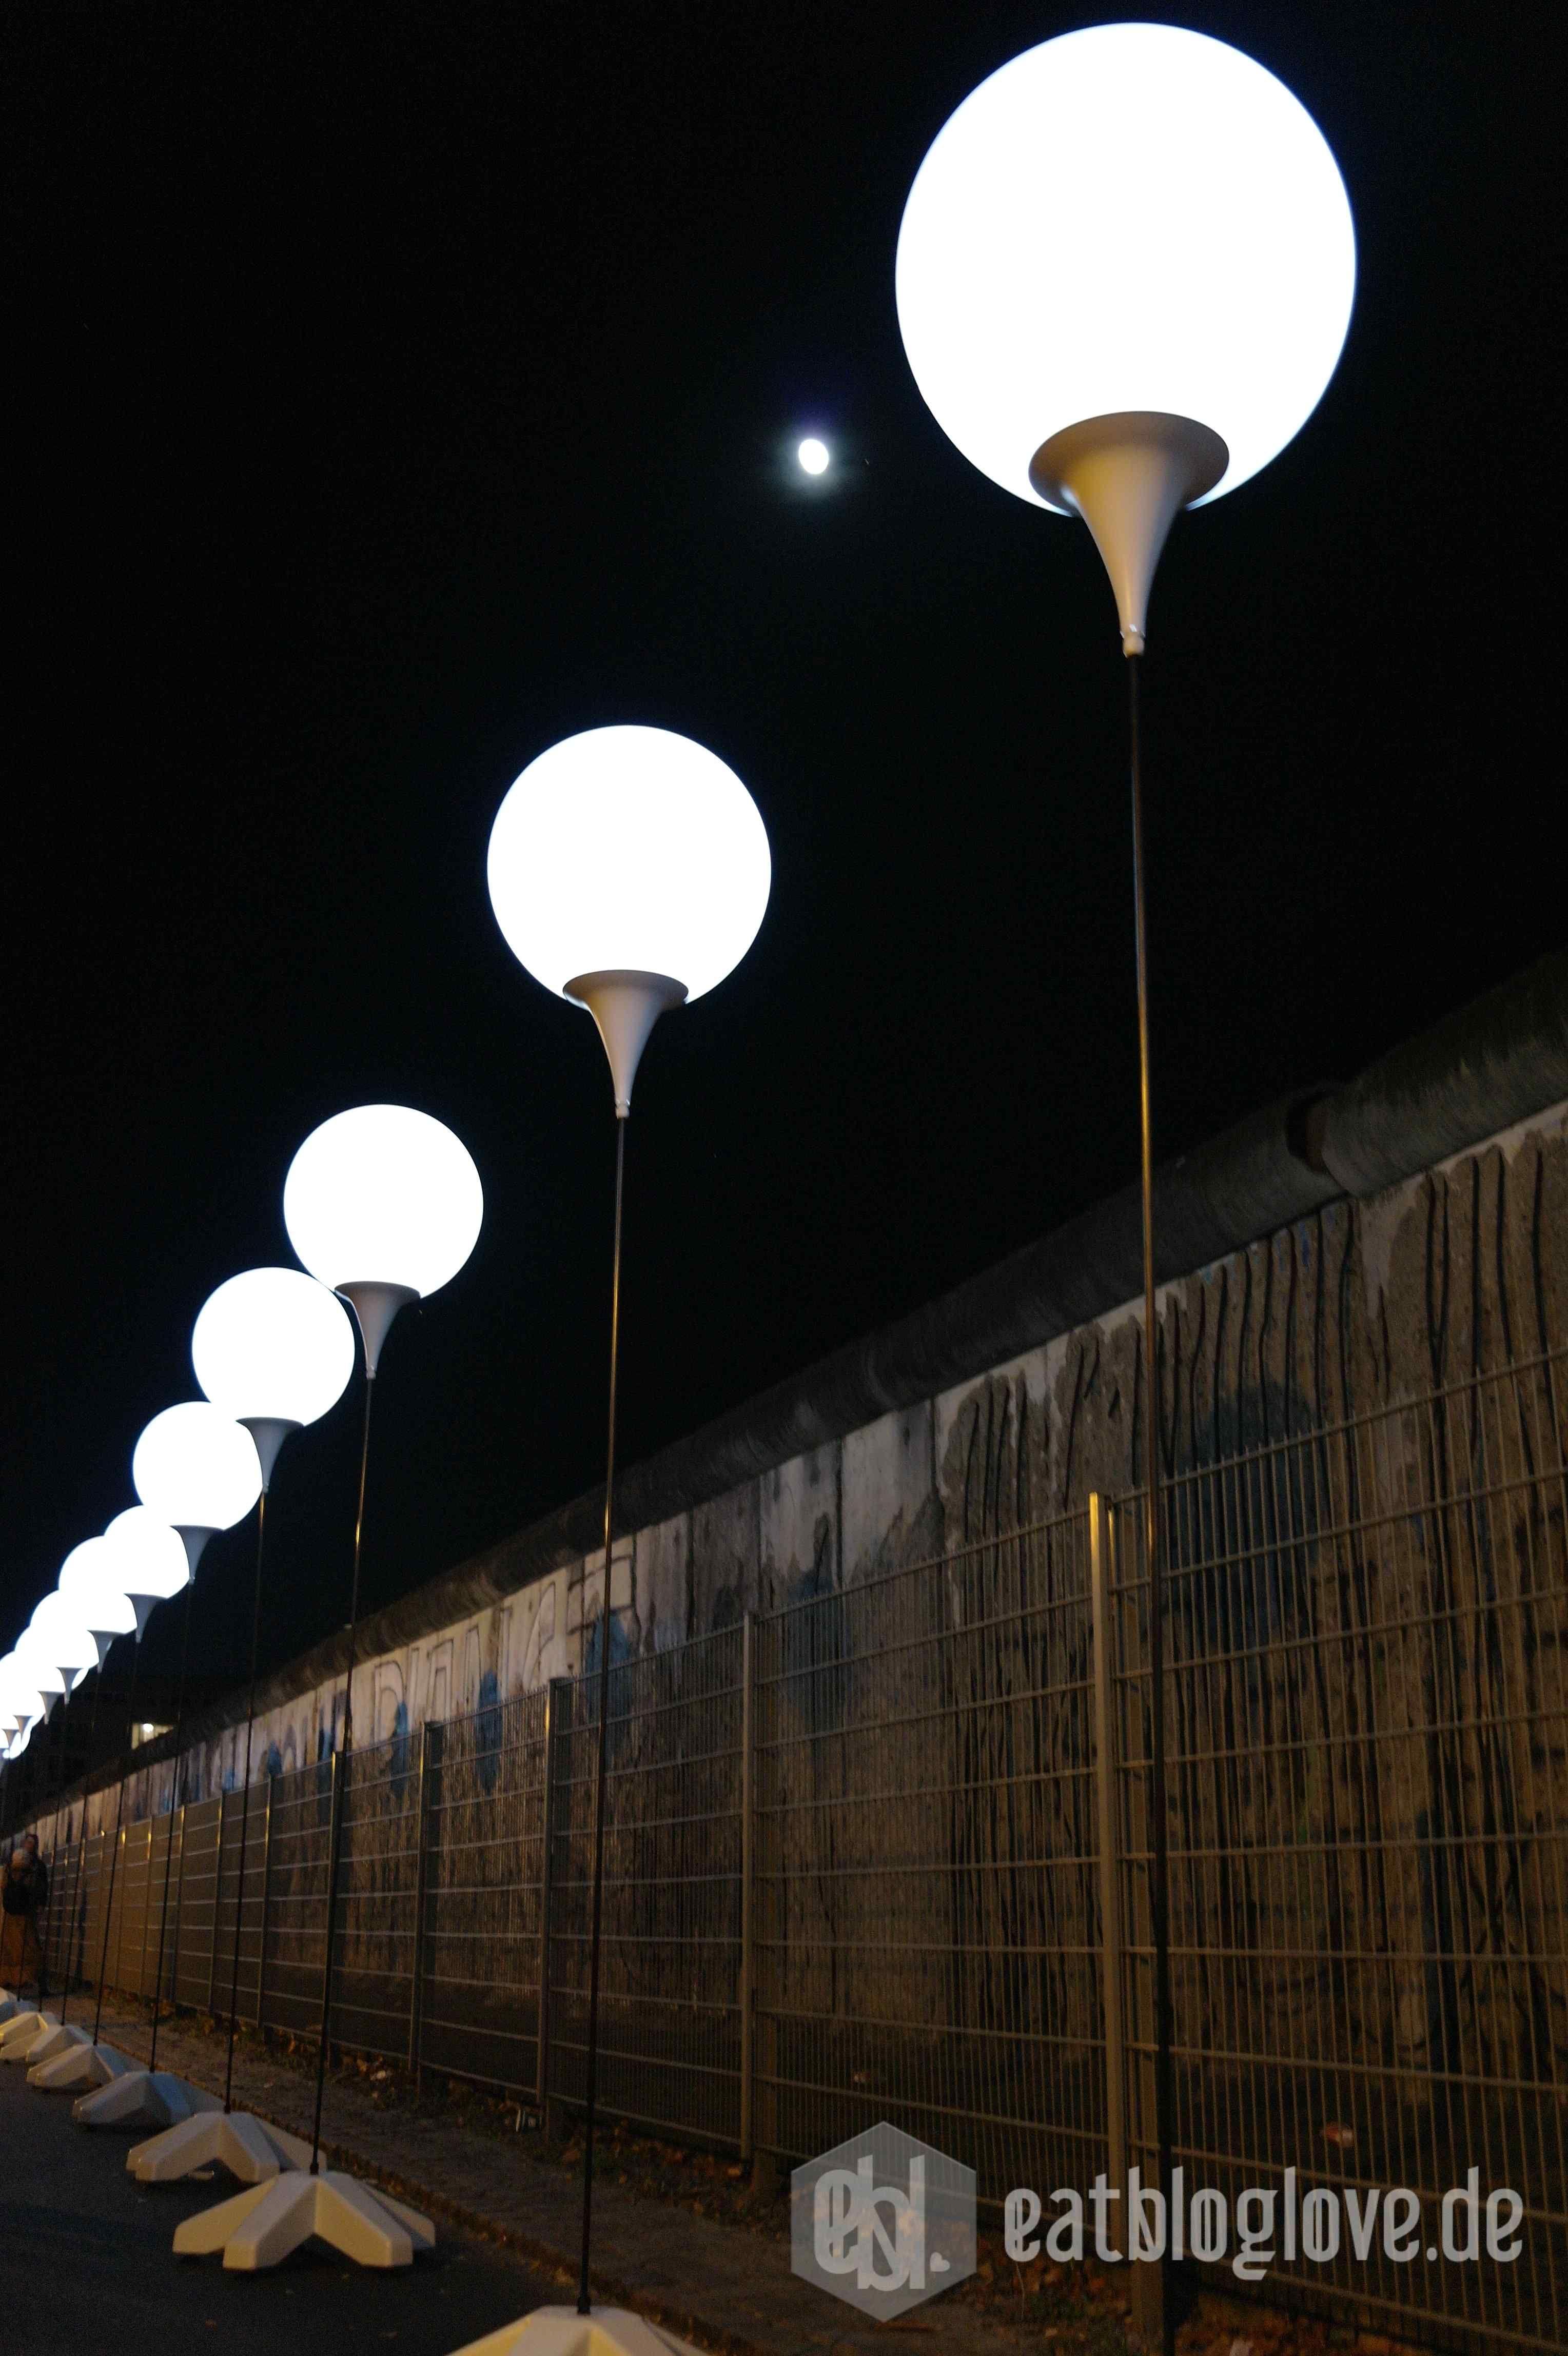 Glucksmomente An Der Lichtgrenze 25 Jahre Mauerfall Licht Mauer Glucksmoment